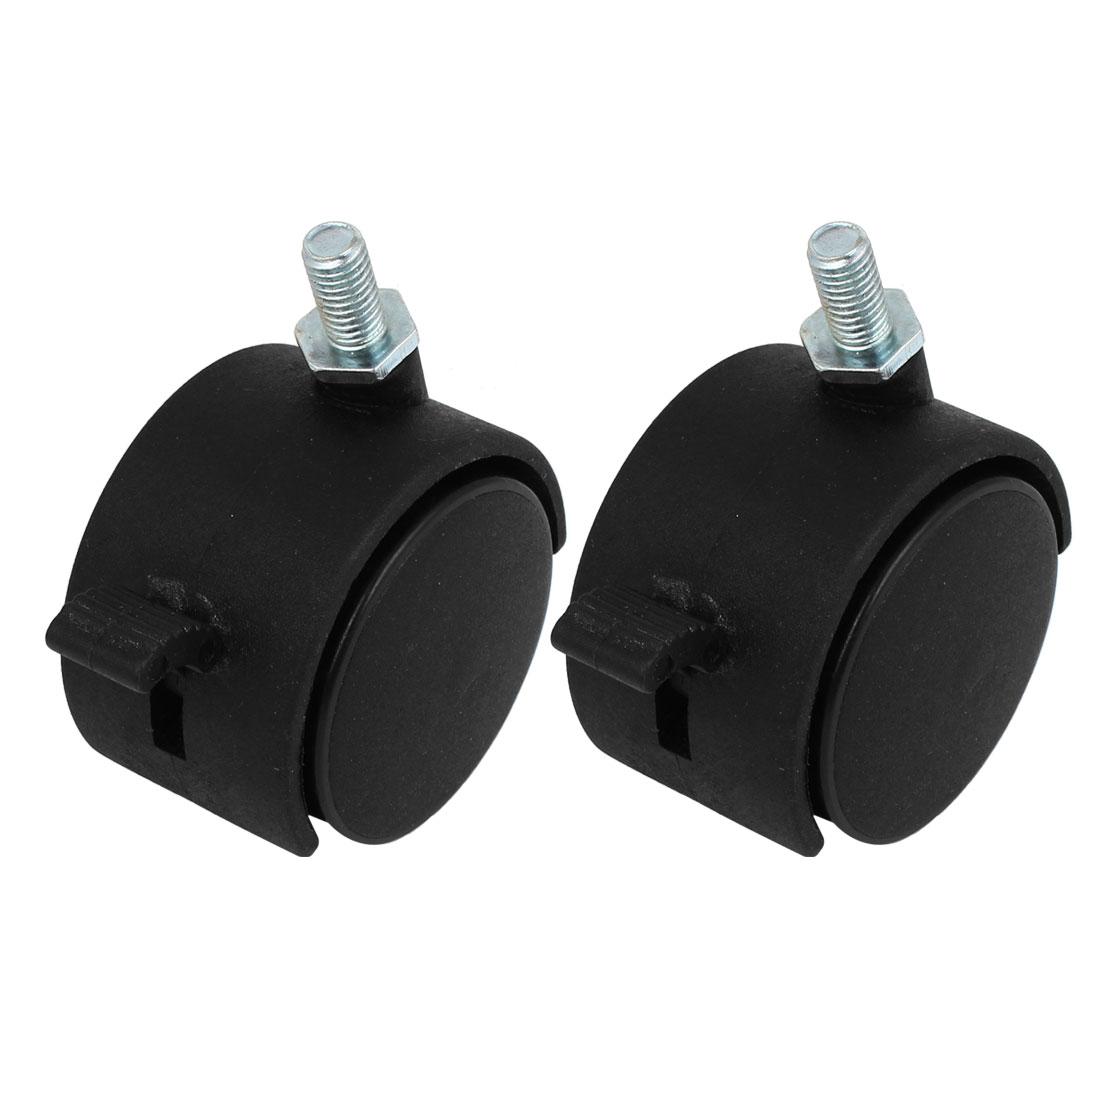 """Plastic 8mm Threaded Stem 2"""" Dia Double Wheel Swivel Brake Caster Black 2 Pcs"""